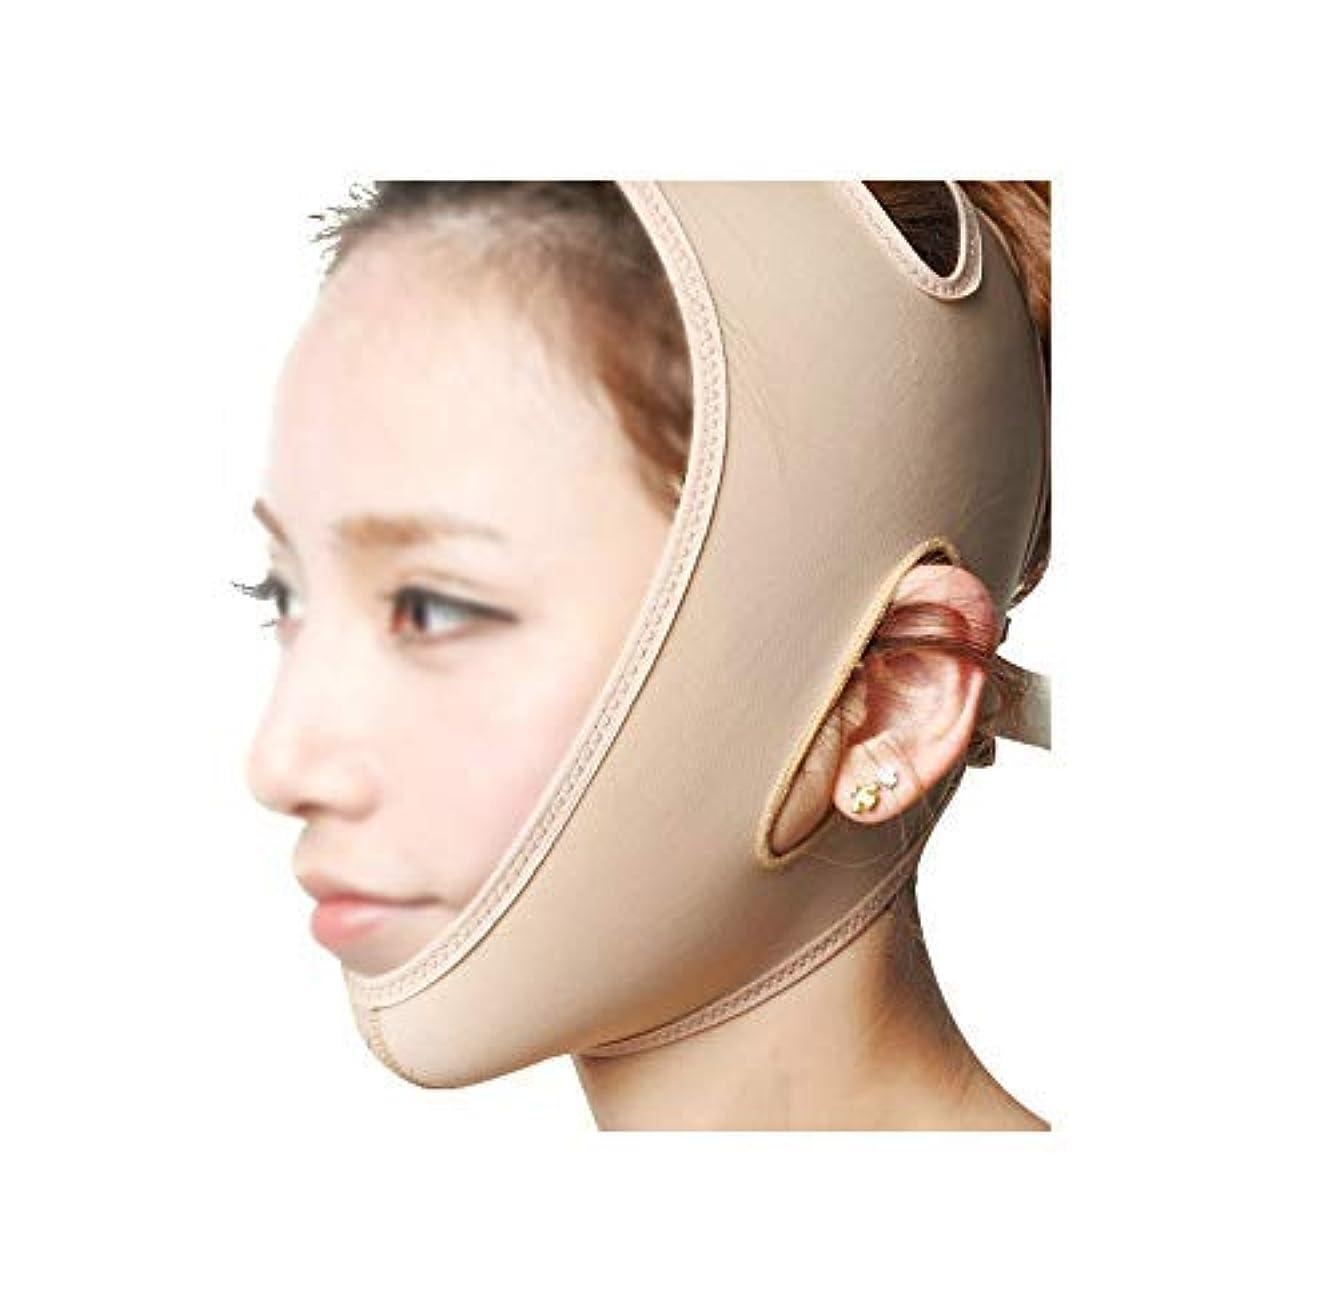 純粋に申請中アマゾンジャングルフェイスリフティングバンデージ、フェイスマスク3Dパネルデザイン、通気性のある非通気性、高弾性ライクラ生地フィジカルVフェイス、美しい顔の輪郭を作成(サイズ:S)